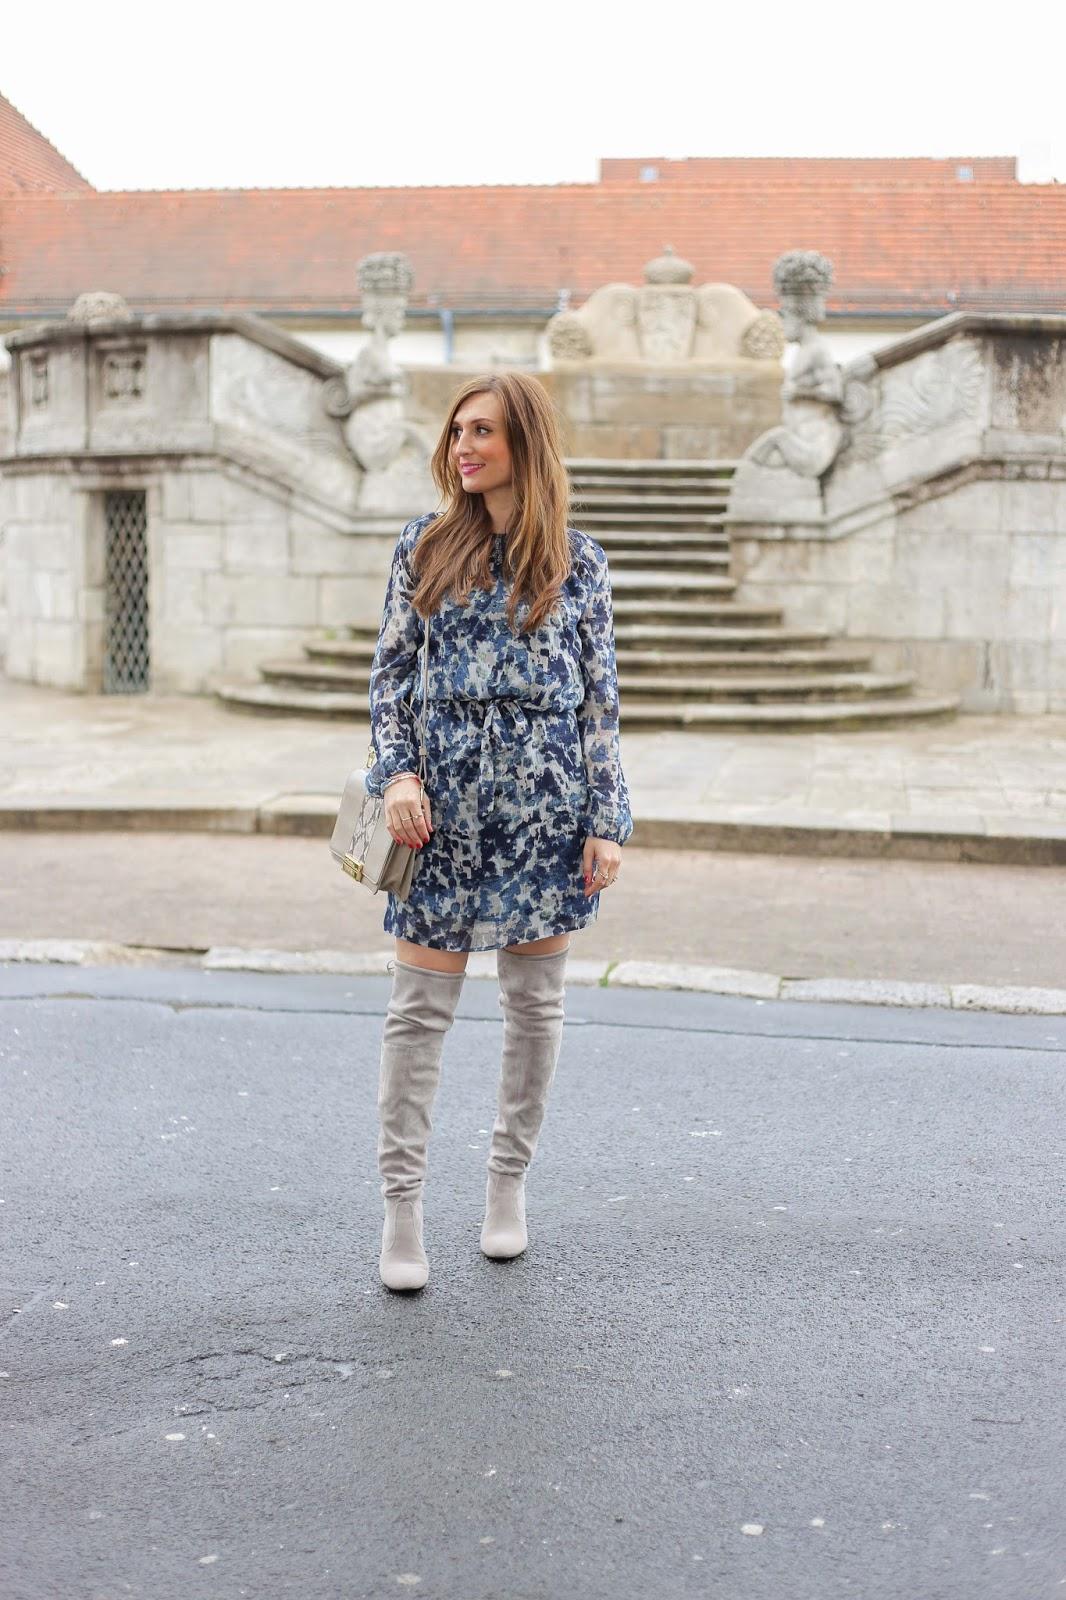 StreetOne – Streetone Kleid - Fashionstylebyjohanna - Blogger im Kleid - Streetstyle - Blogger im Karokleid - Fashionblogger aus Deutschland - Deutsche Fashionblogger – Fashionblog – Blogger Streetstylelook